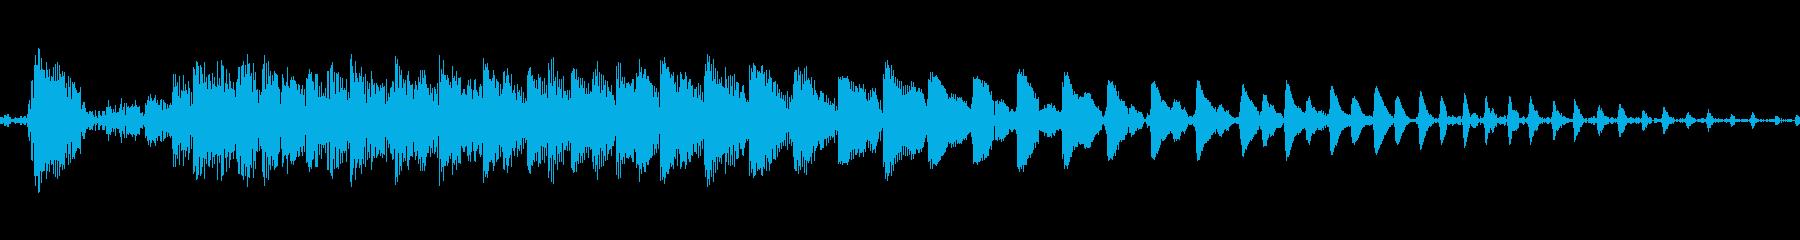 ポイ〜ン♪コミカルで可愛いジャンプ音03の再生済みの波形